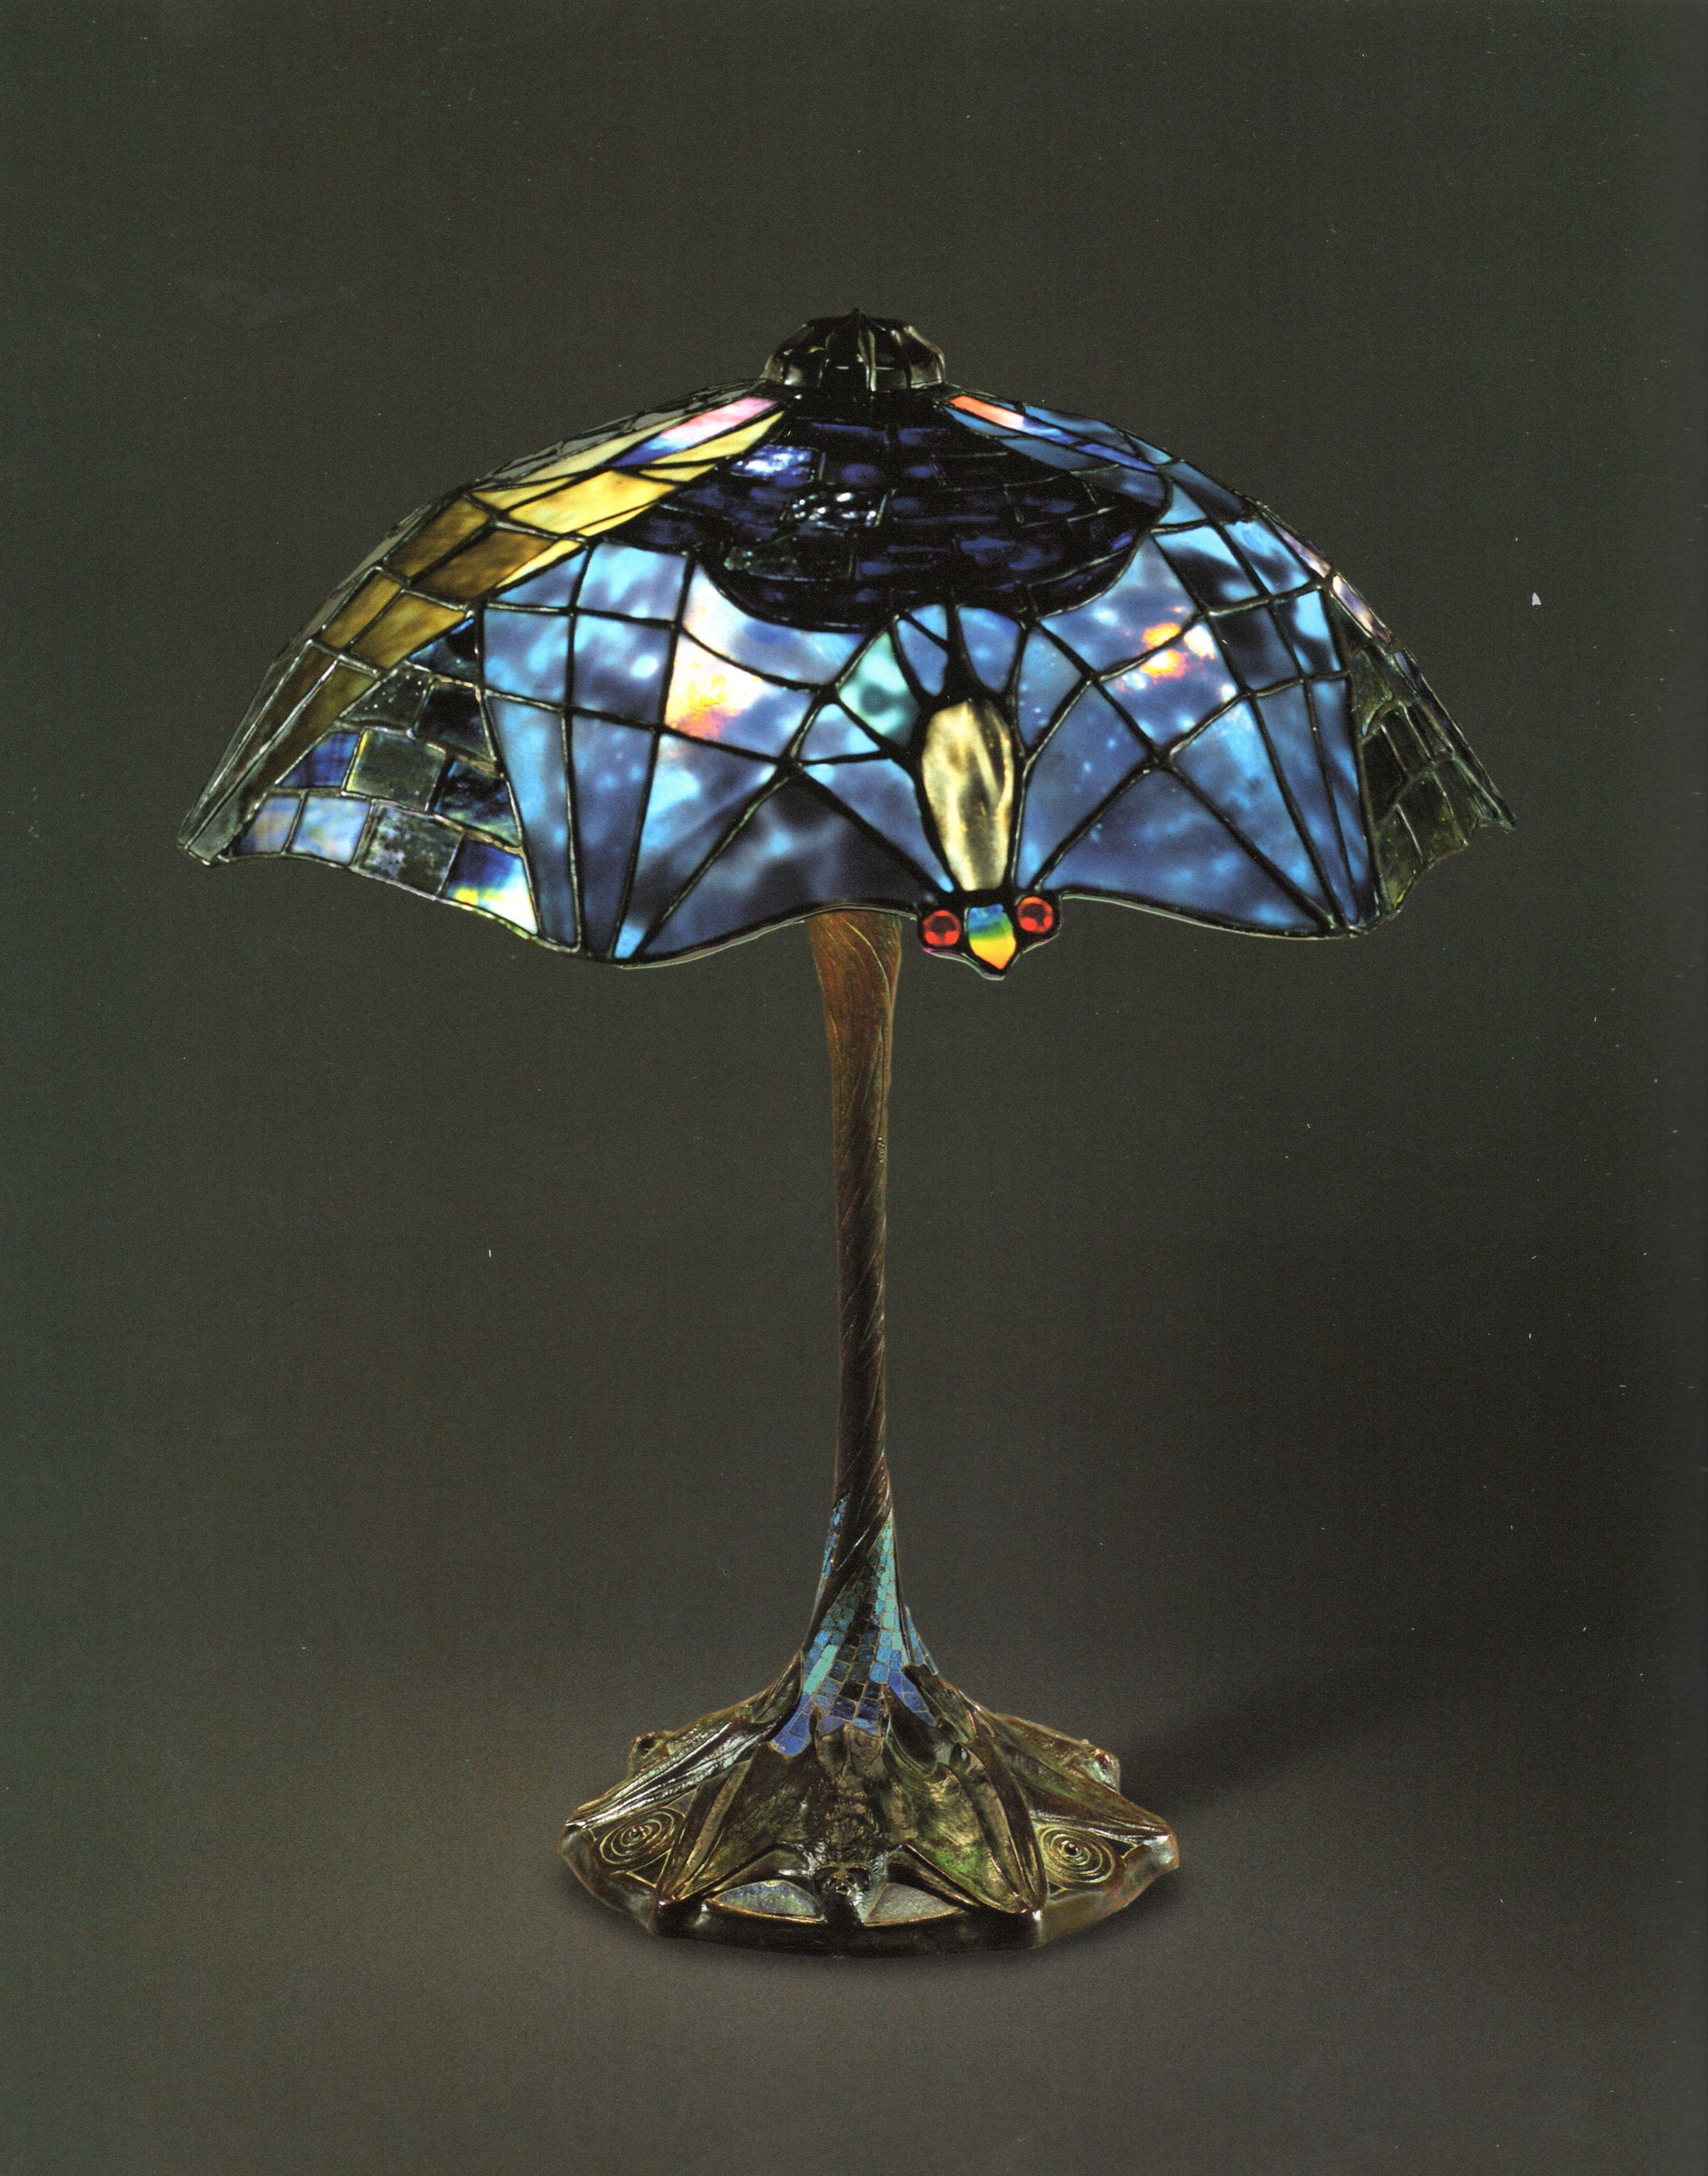 LCT - 062 Bat Lamp dark coloring | Genuine Tiffany Lamps ...